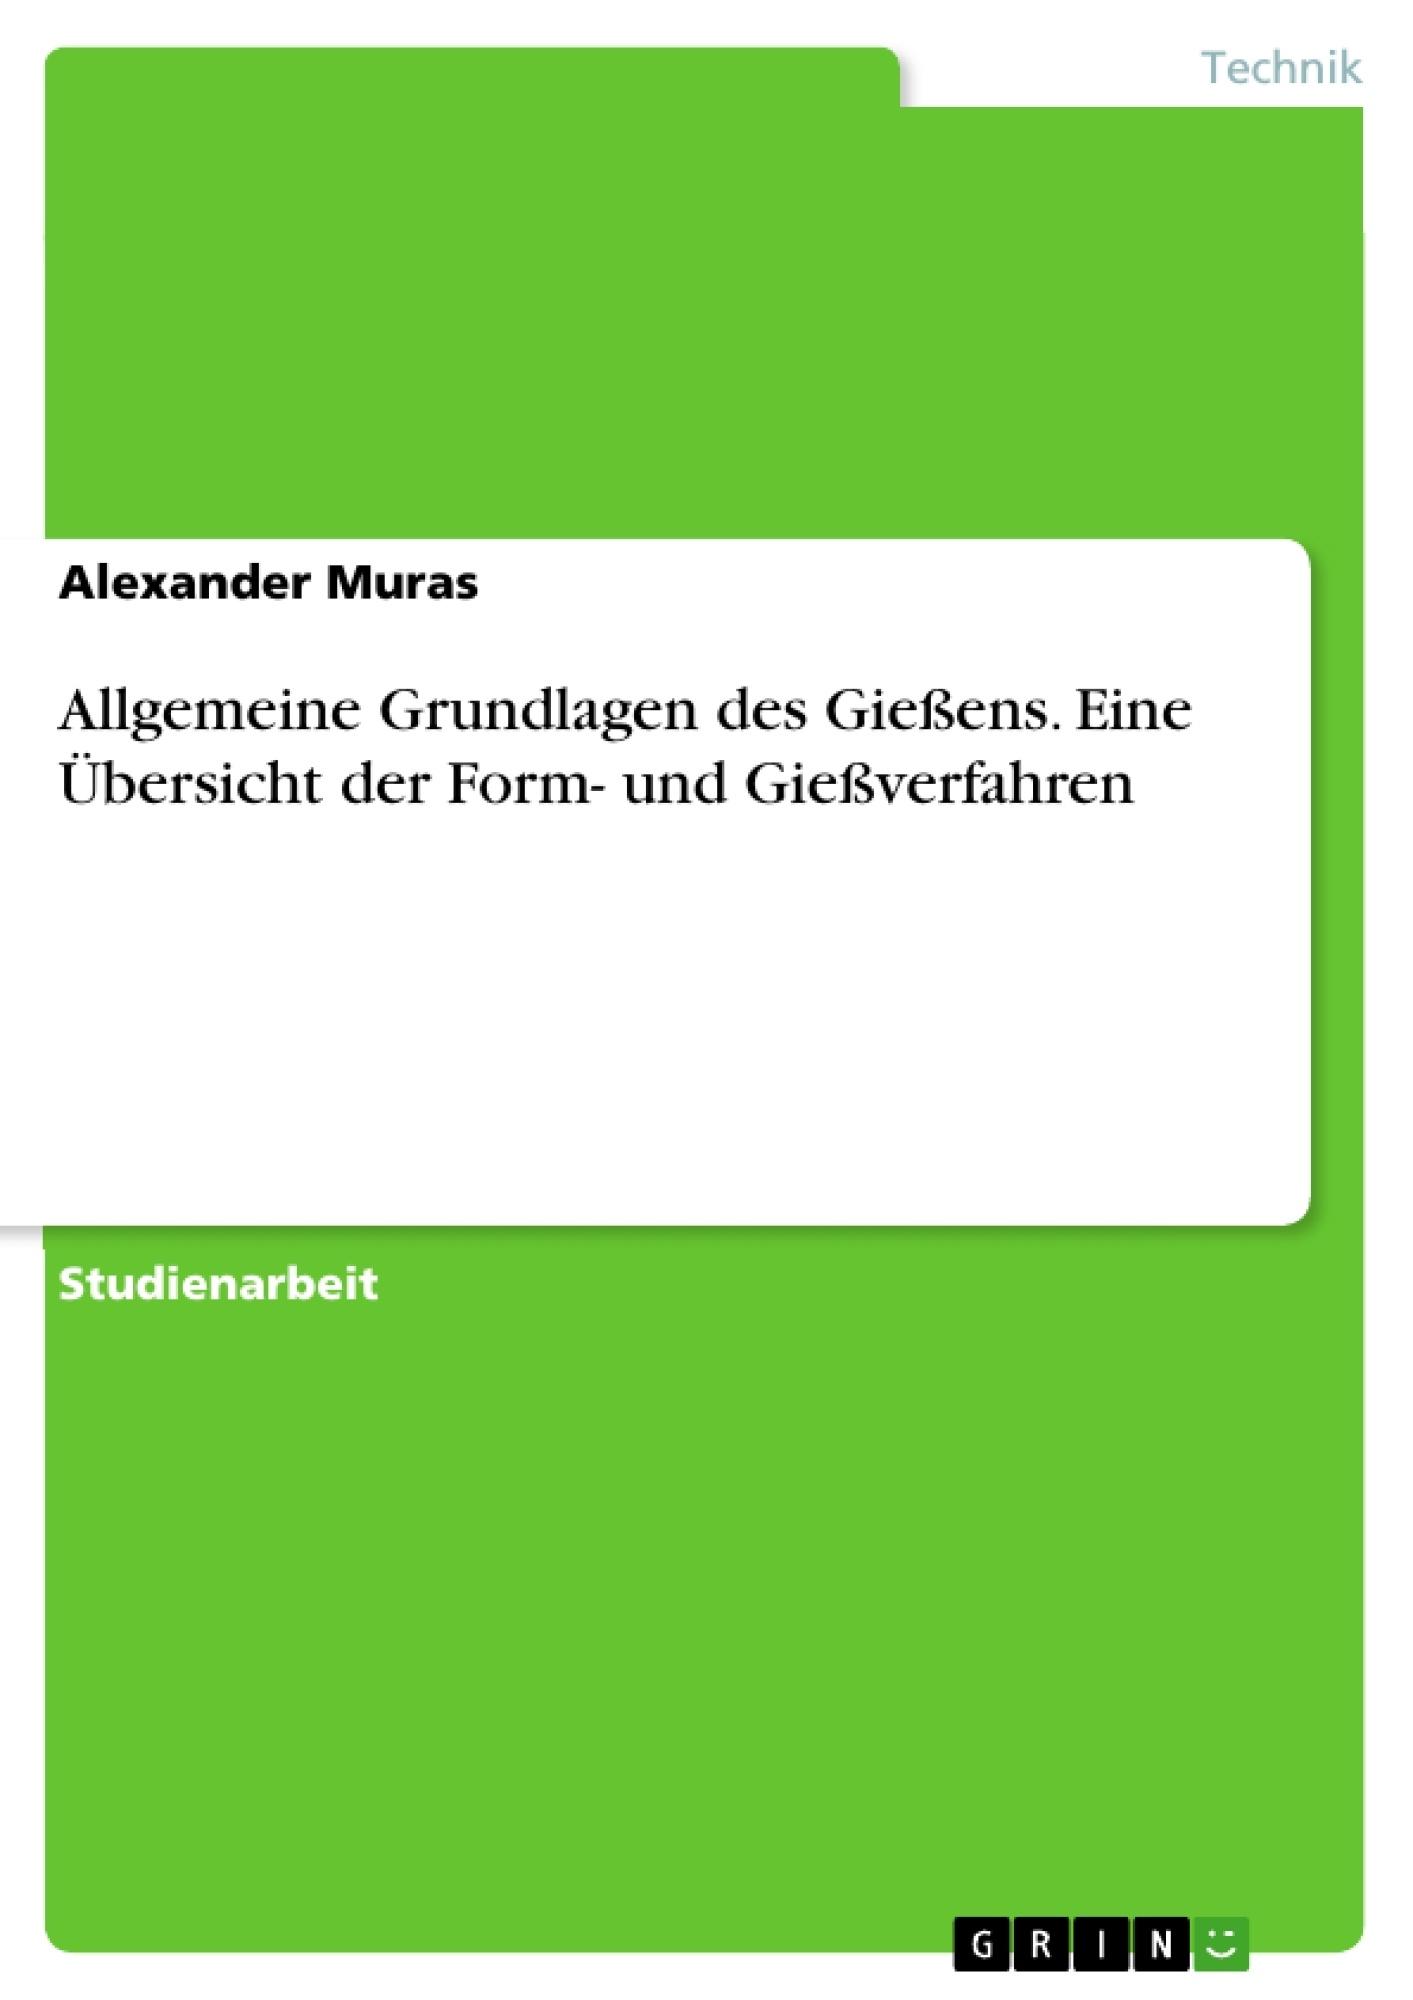 Titel: Allgemeine Grundlagen des Gießens. Eine Übersicht der Form- und Gießverfahren